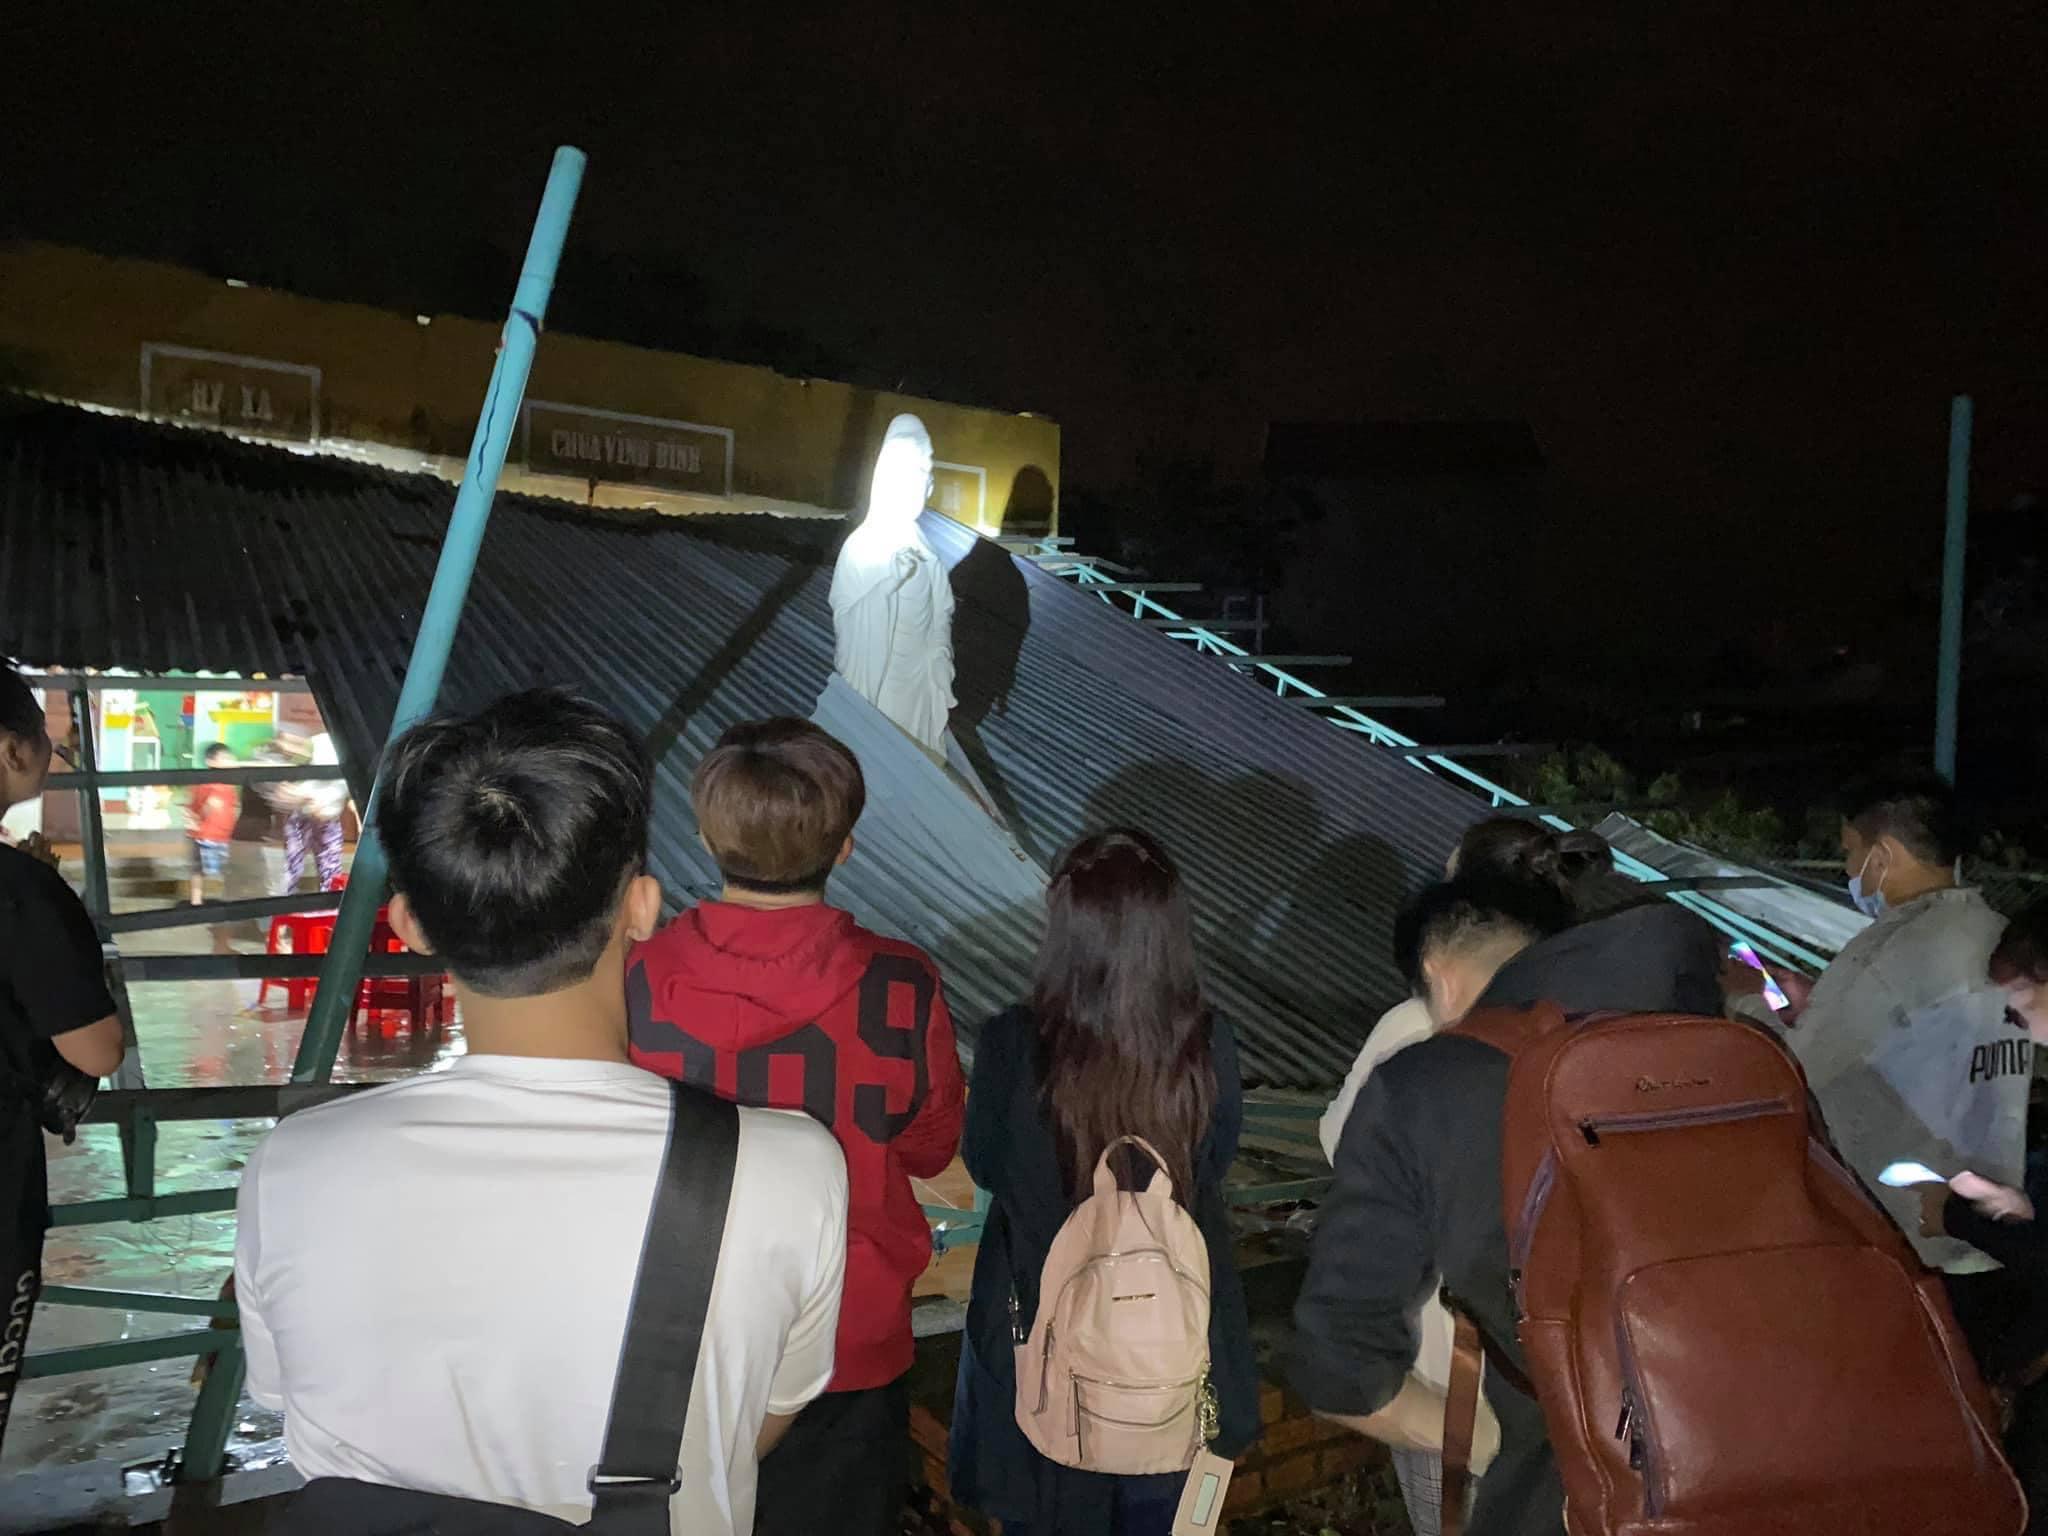 Nhật Kim Anh gặp điềm lạ khi đi cứu trợ: Mái nhà suýt đổ sập nhưng tượng Phật vẫn đứng sừng sững giữa bão tố